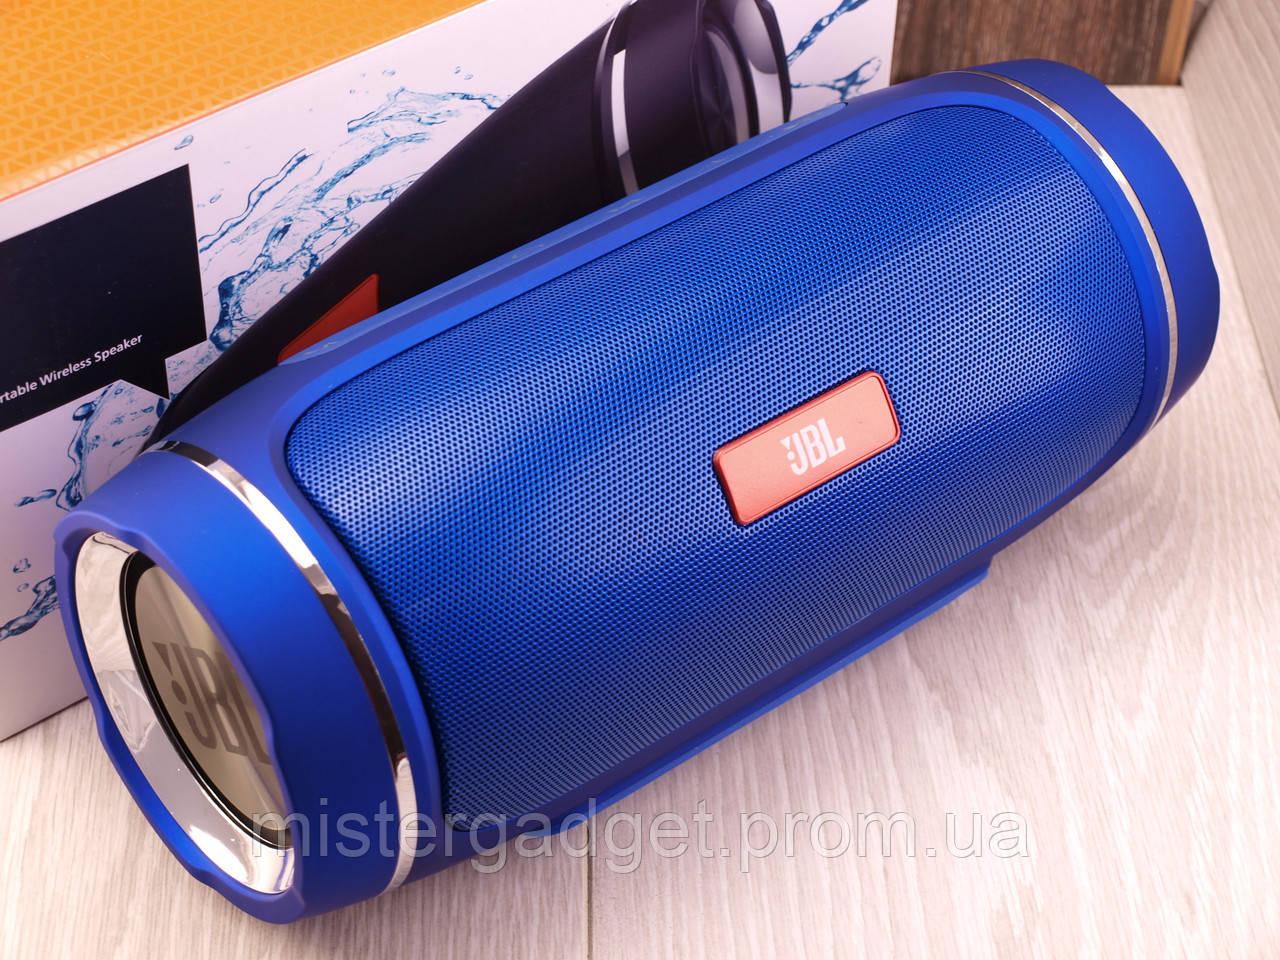 Колонка портативная Xtreme 2+ 40W Синий Bluetooth ESR